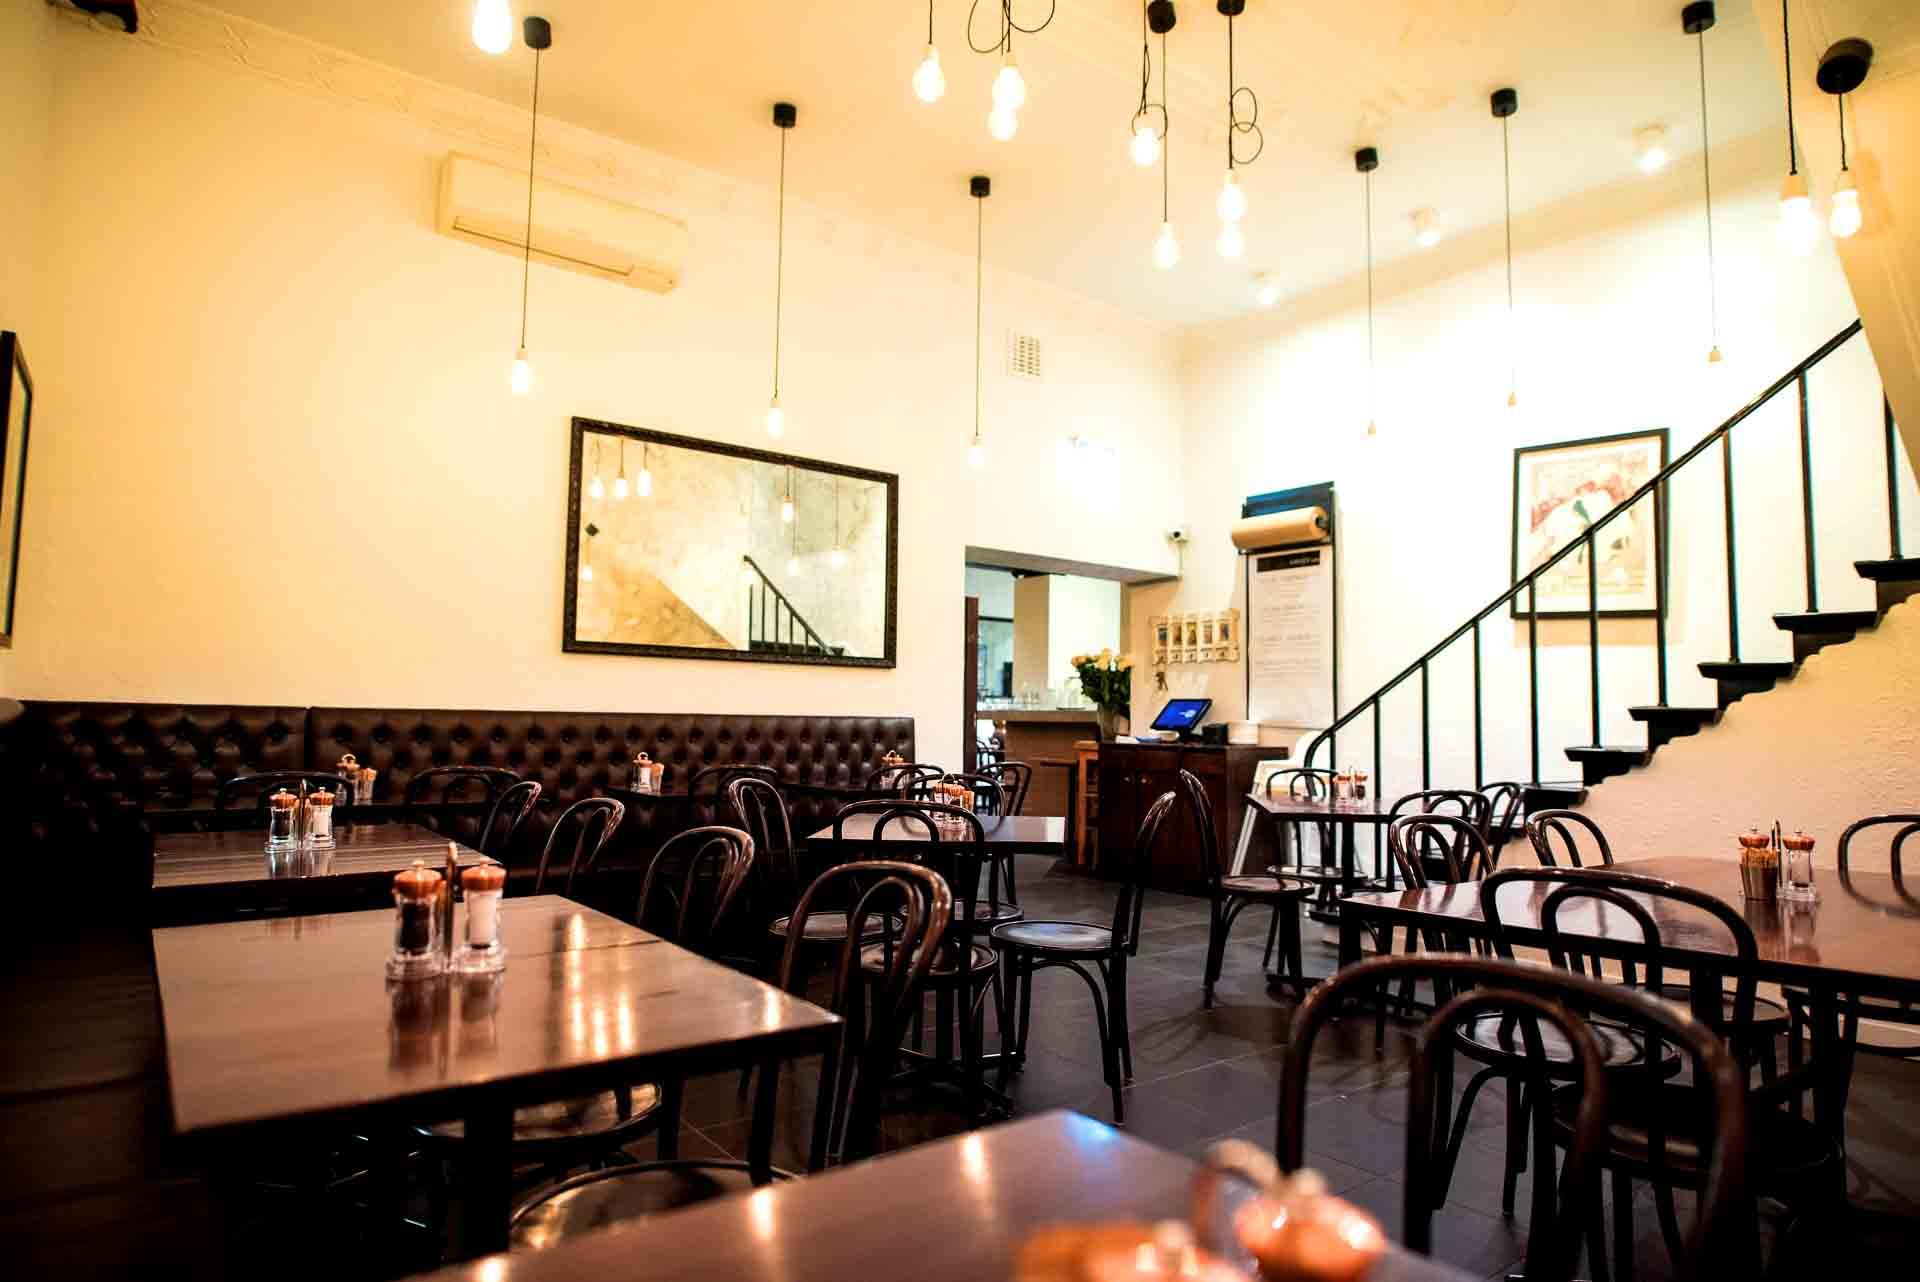 Kaikey S Lane Private Dining Venues Hidden City Secrets